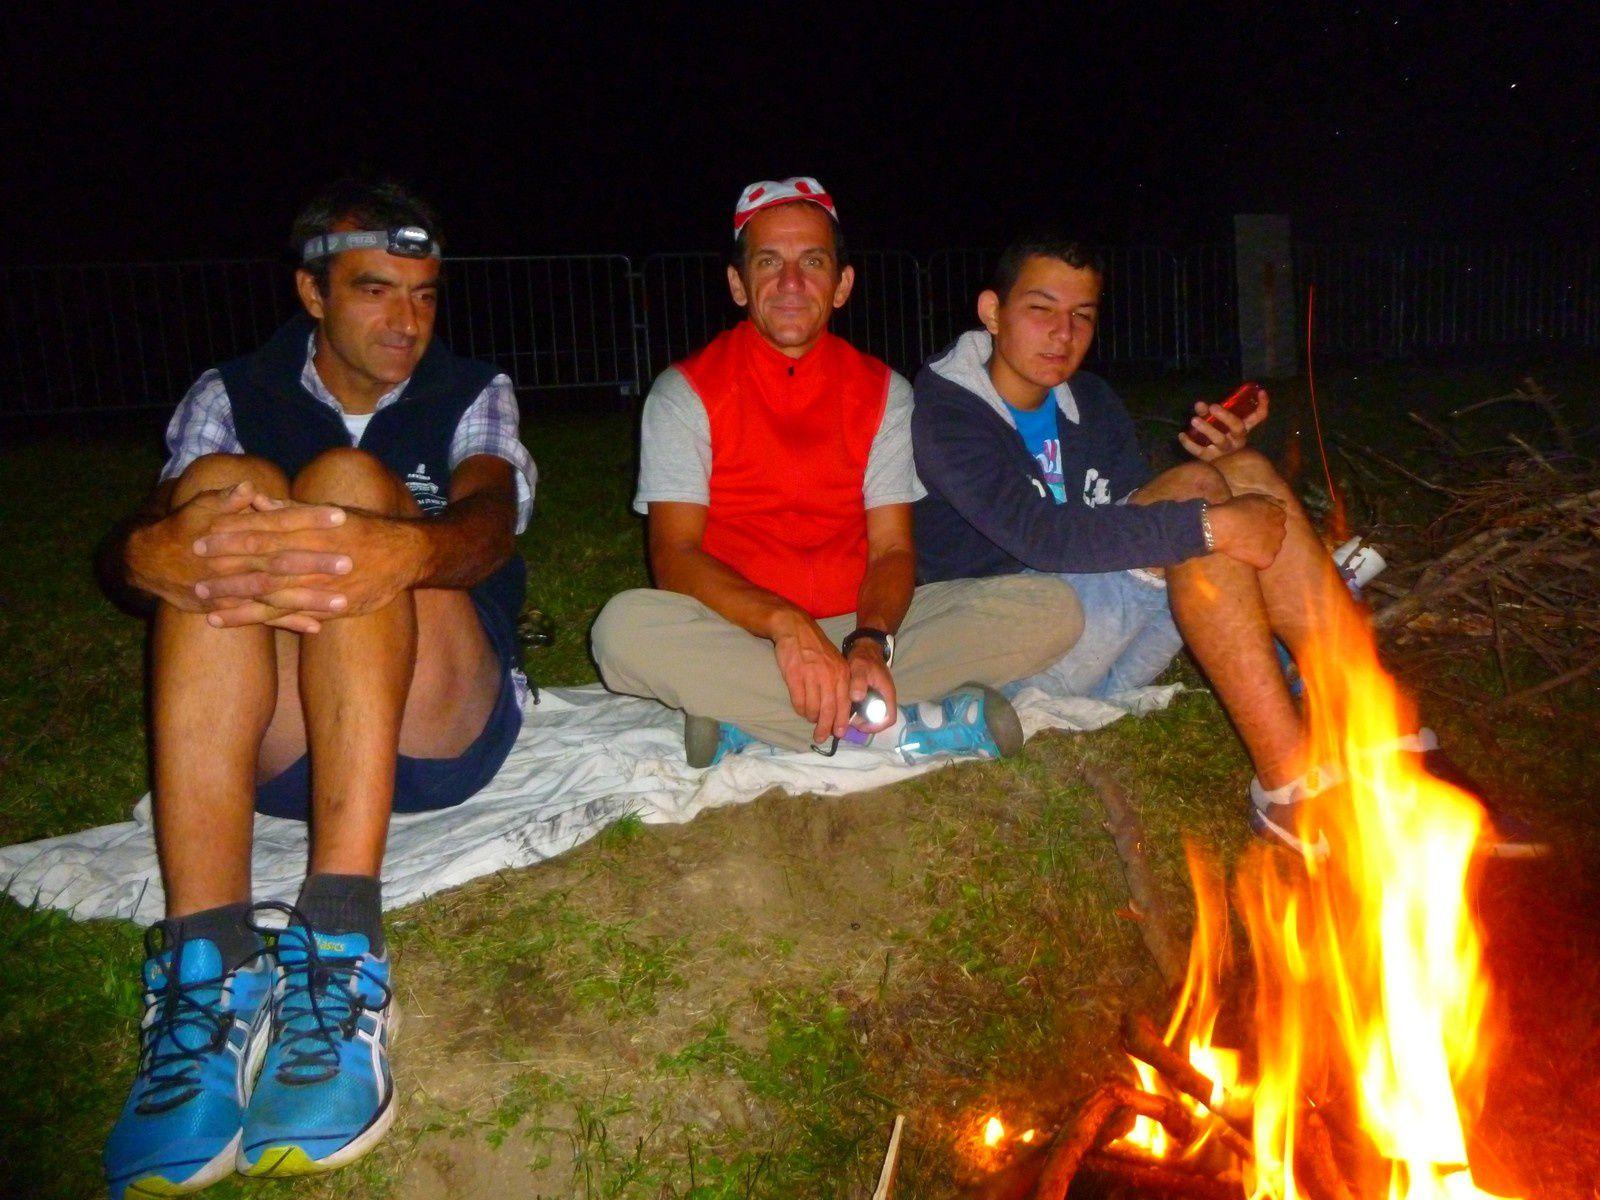 Les nuits sont bruyantes : autant se réunir autour d'un bon feu.